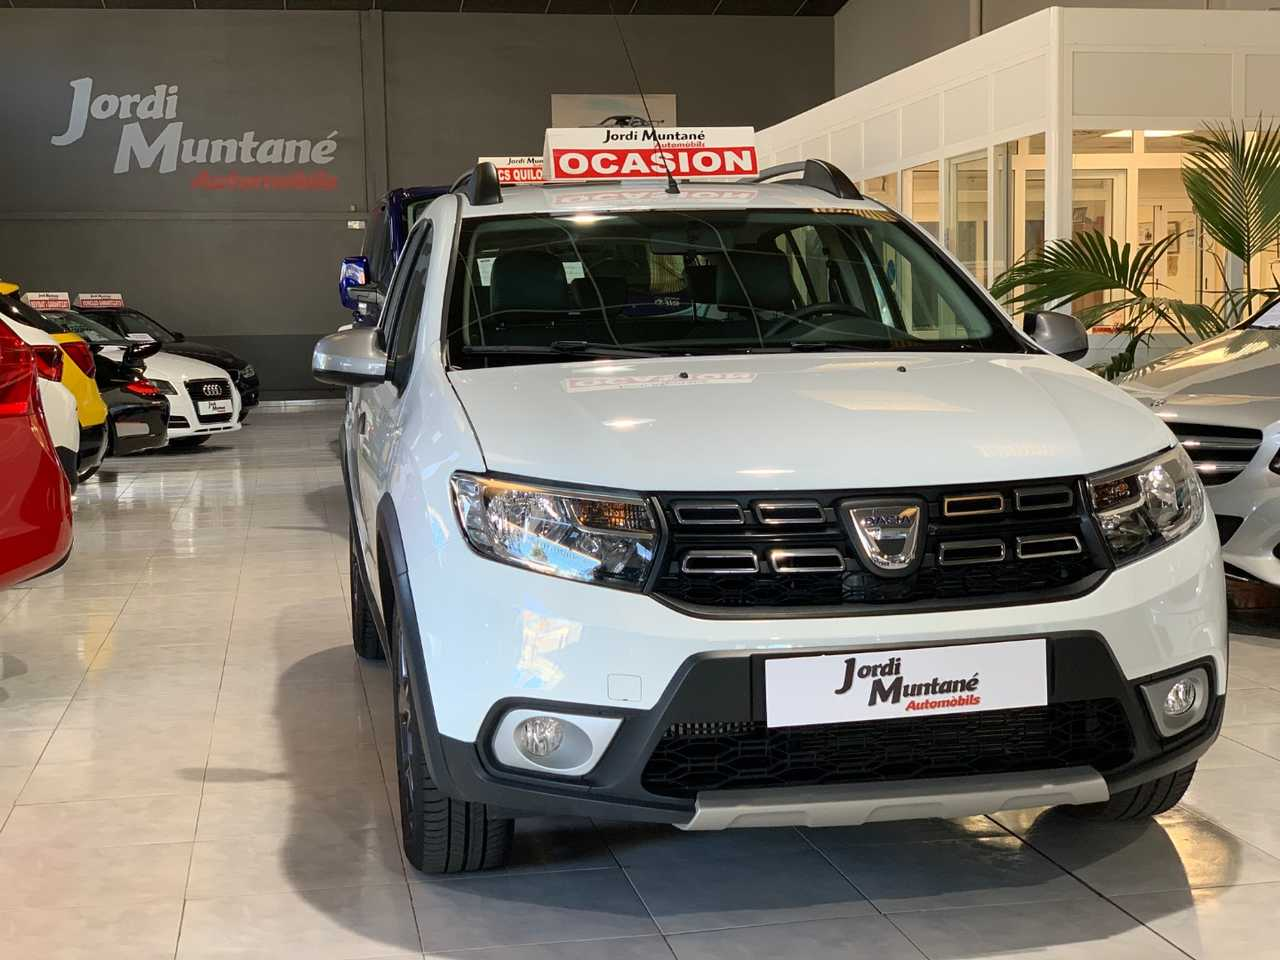 """Dacia Sandero Stepway Tce 90cv -. '' REESTRENO '' .- Solo 21.125 km  -. """"Navegador,sensor aparcamiento,bola remolque + extras"""".-  - Foto 1"""